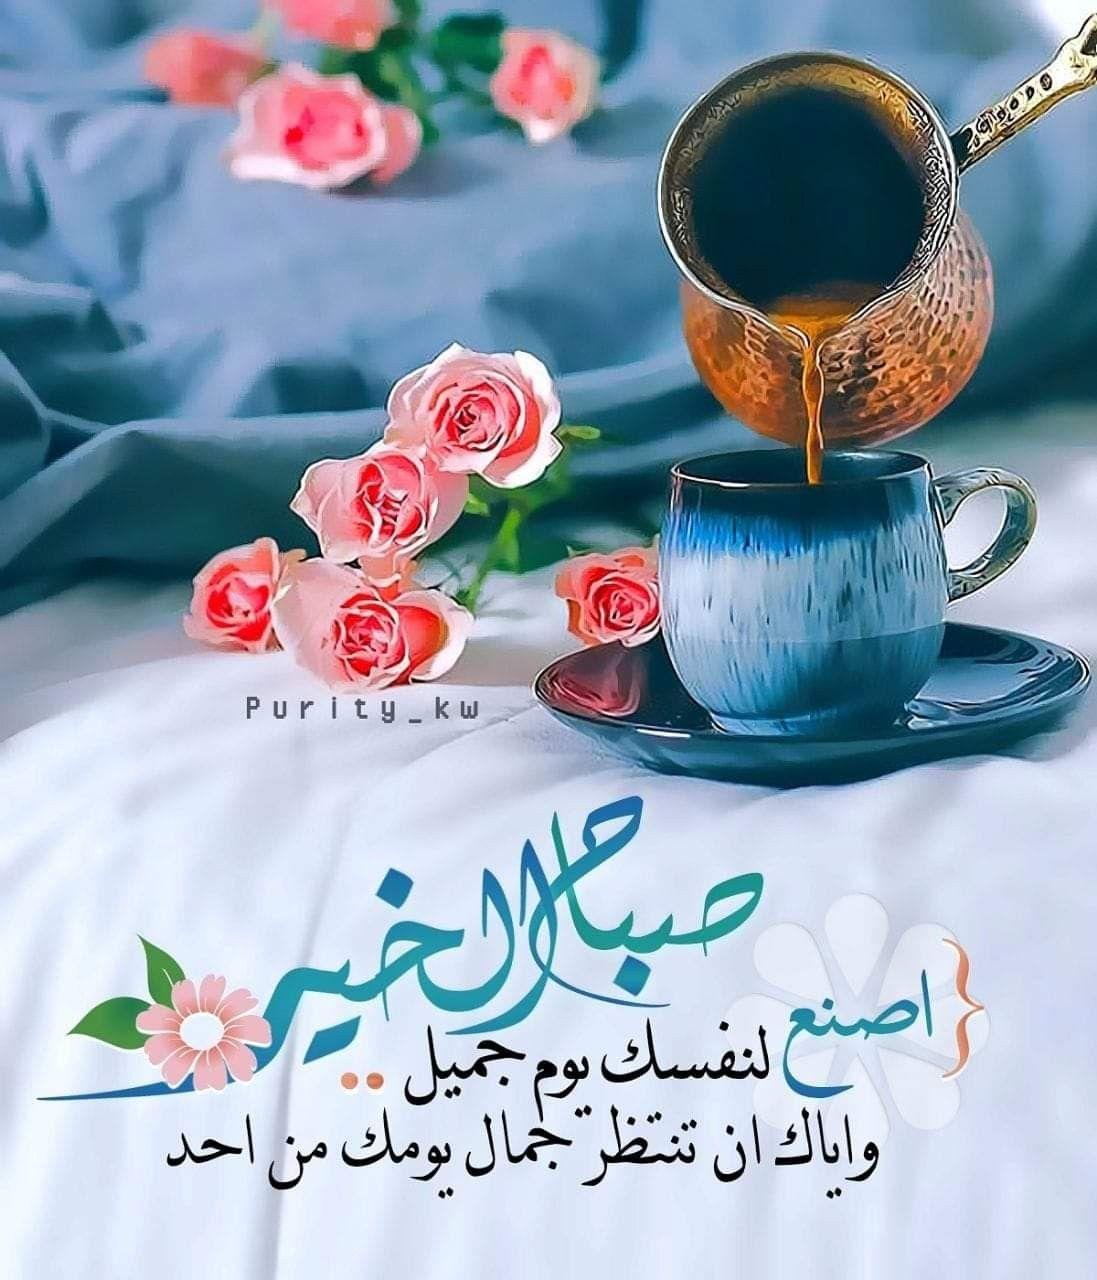 Открытка на арабском доброе утро